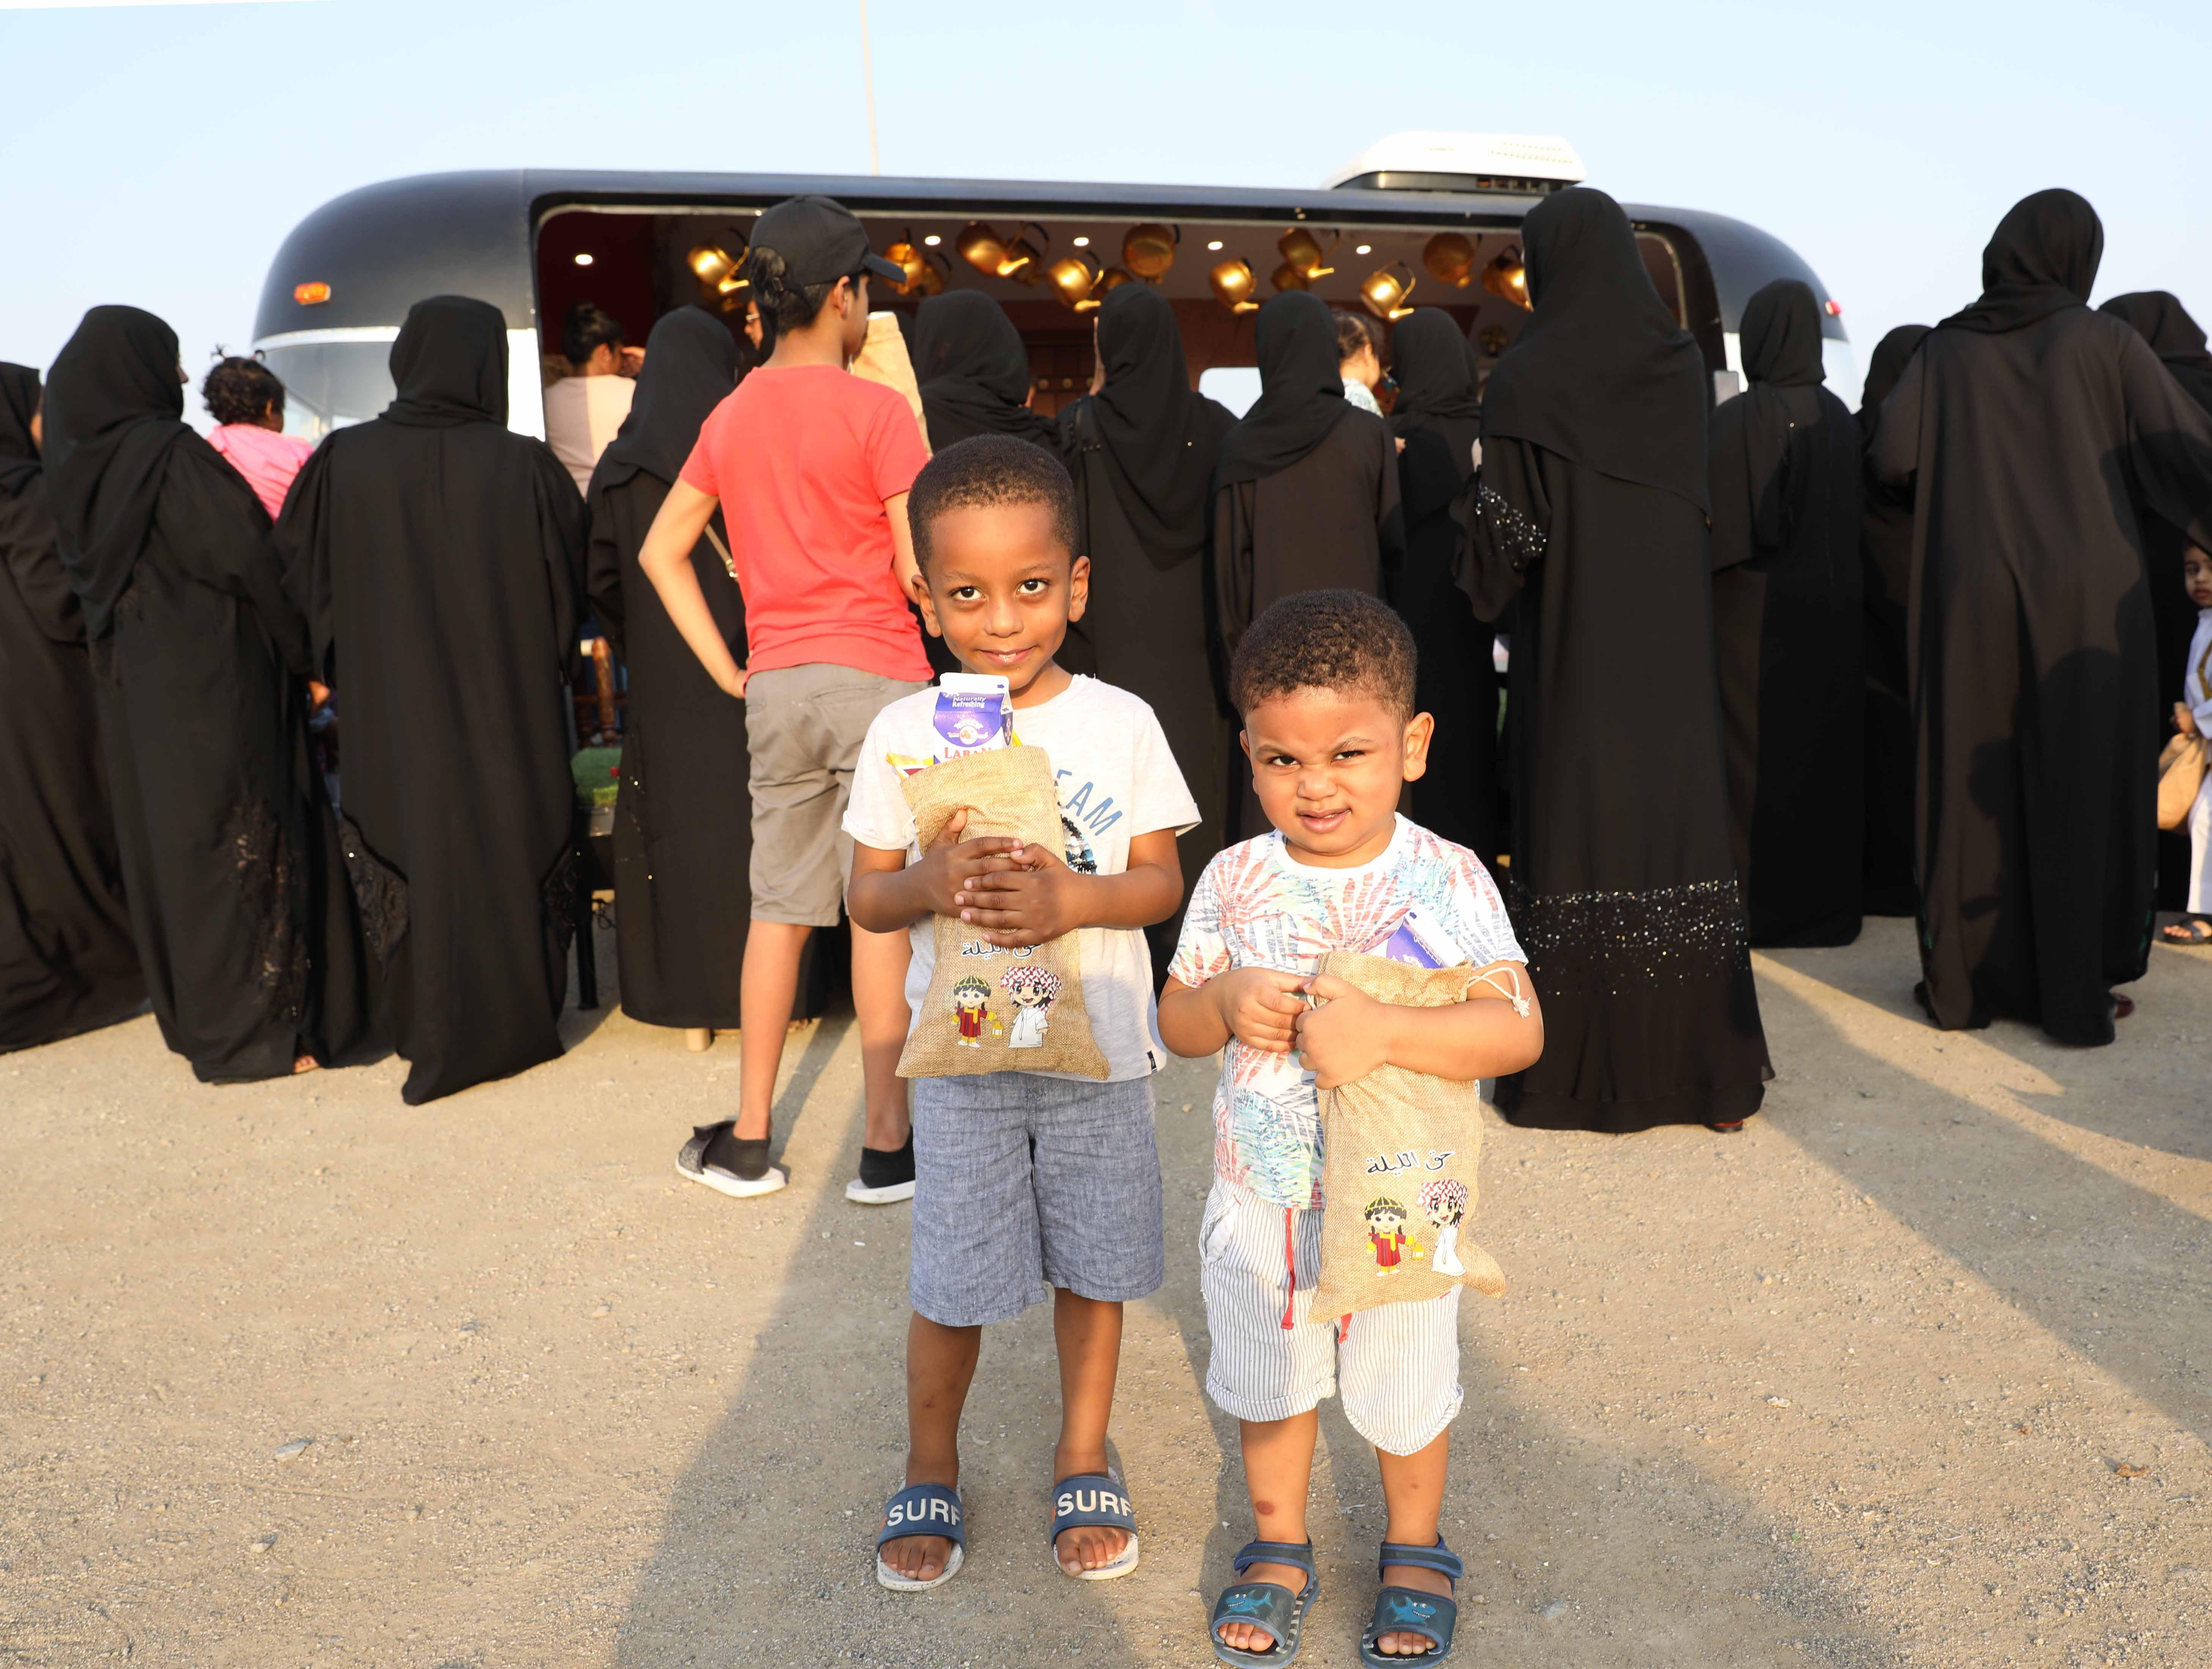 قافلة النصف من شعبان تحتفى بالتراث الشعبى وتجوب الإمارات (6)